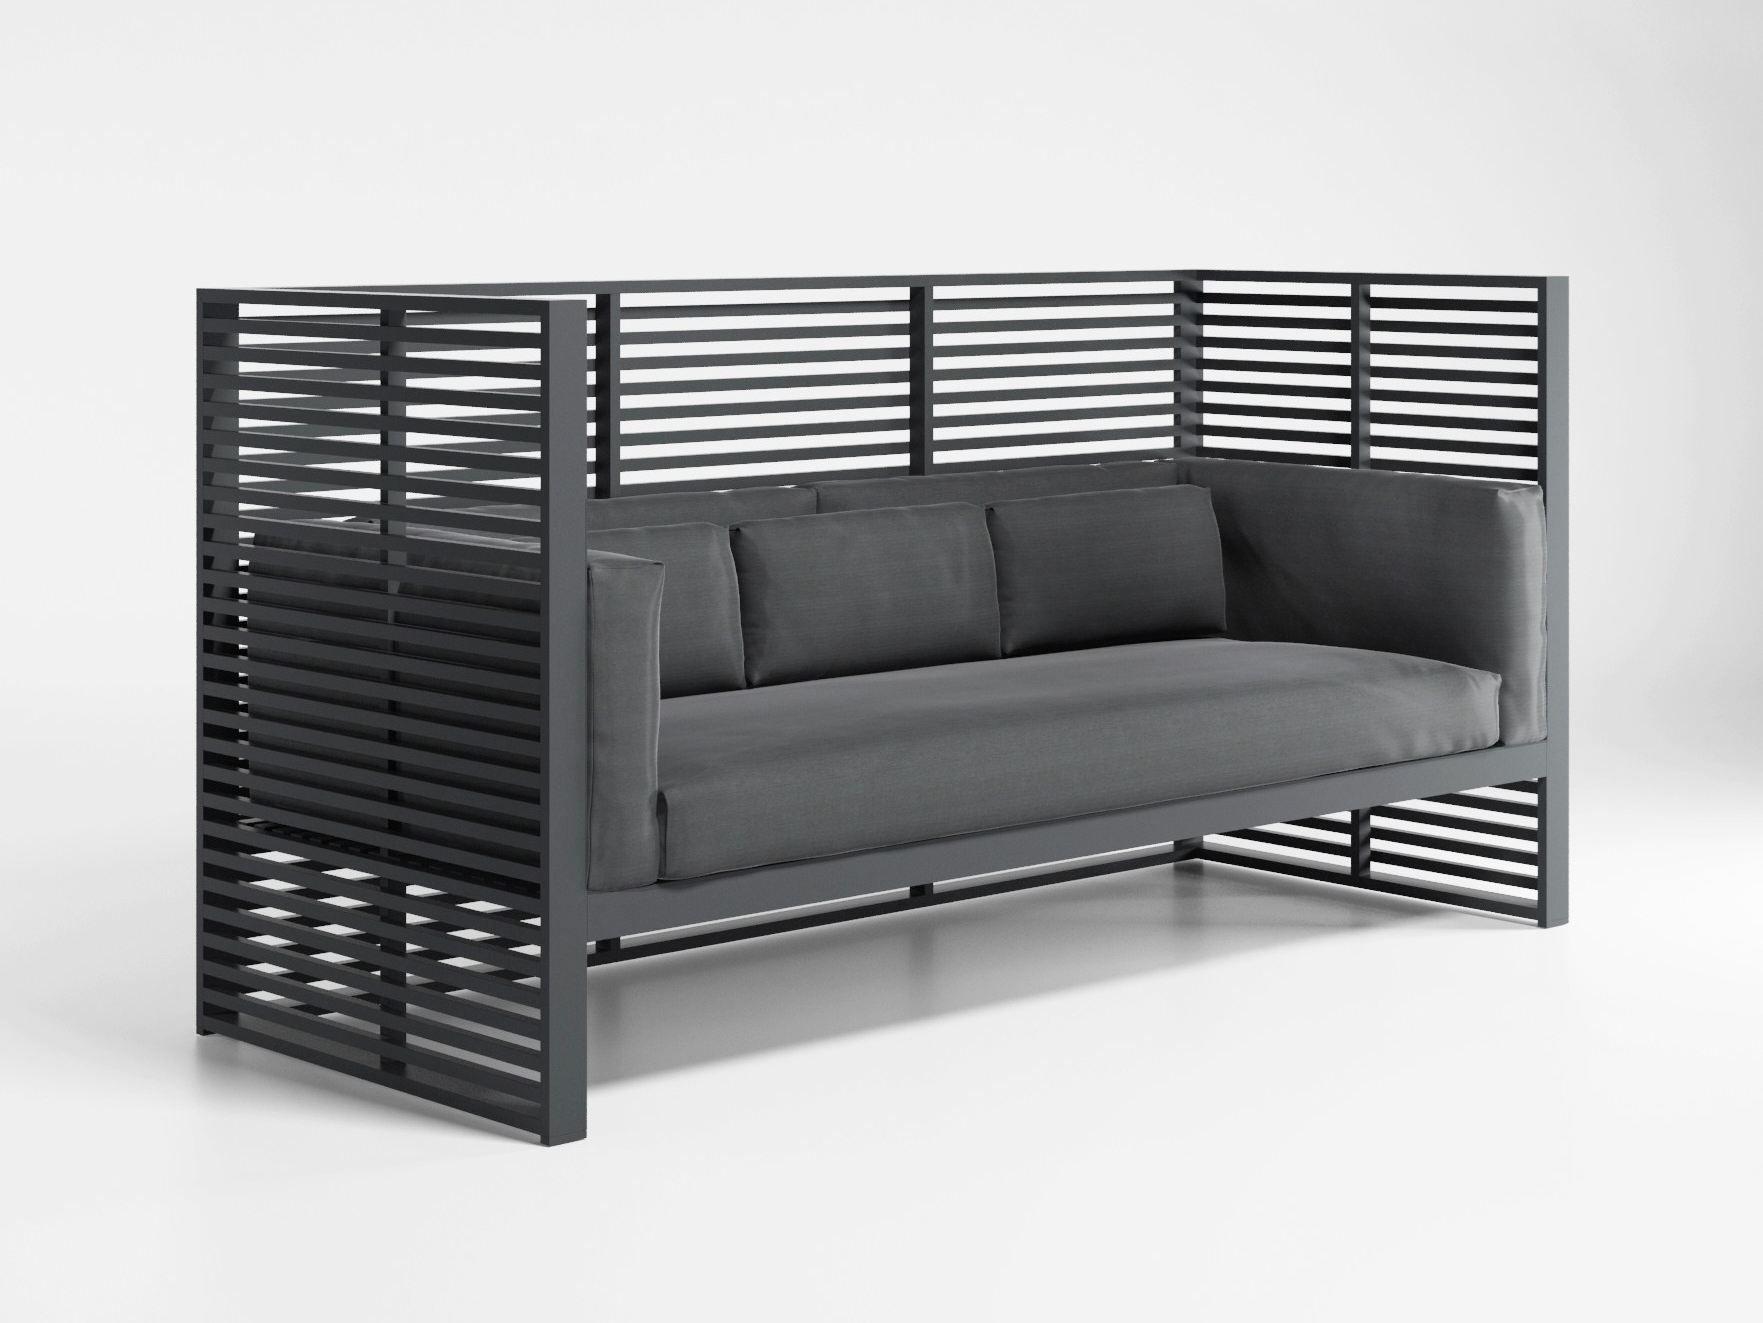 Dna divano con schienale alto by gandia blasco design jos - Divano schienale alto ...